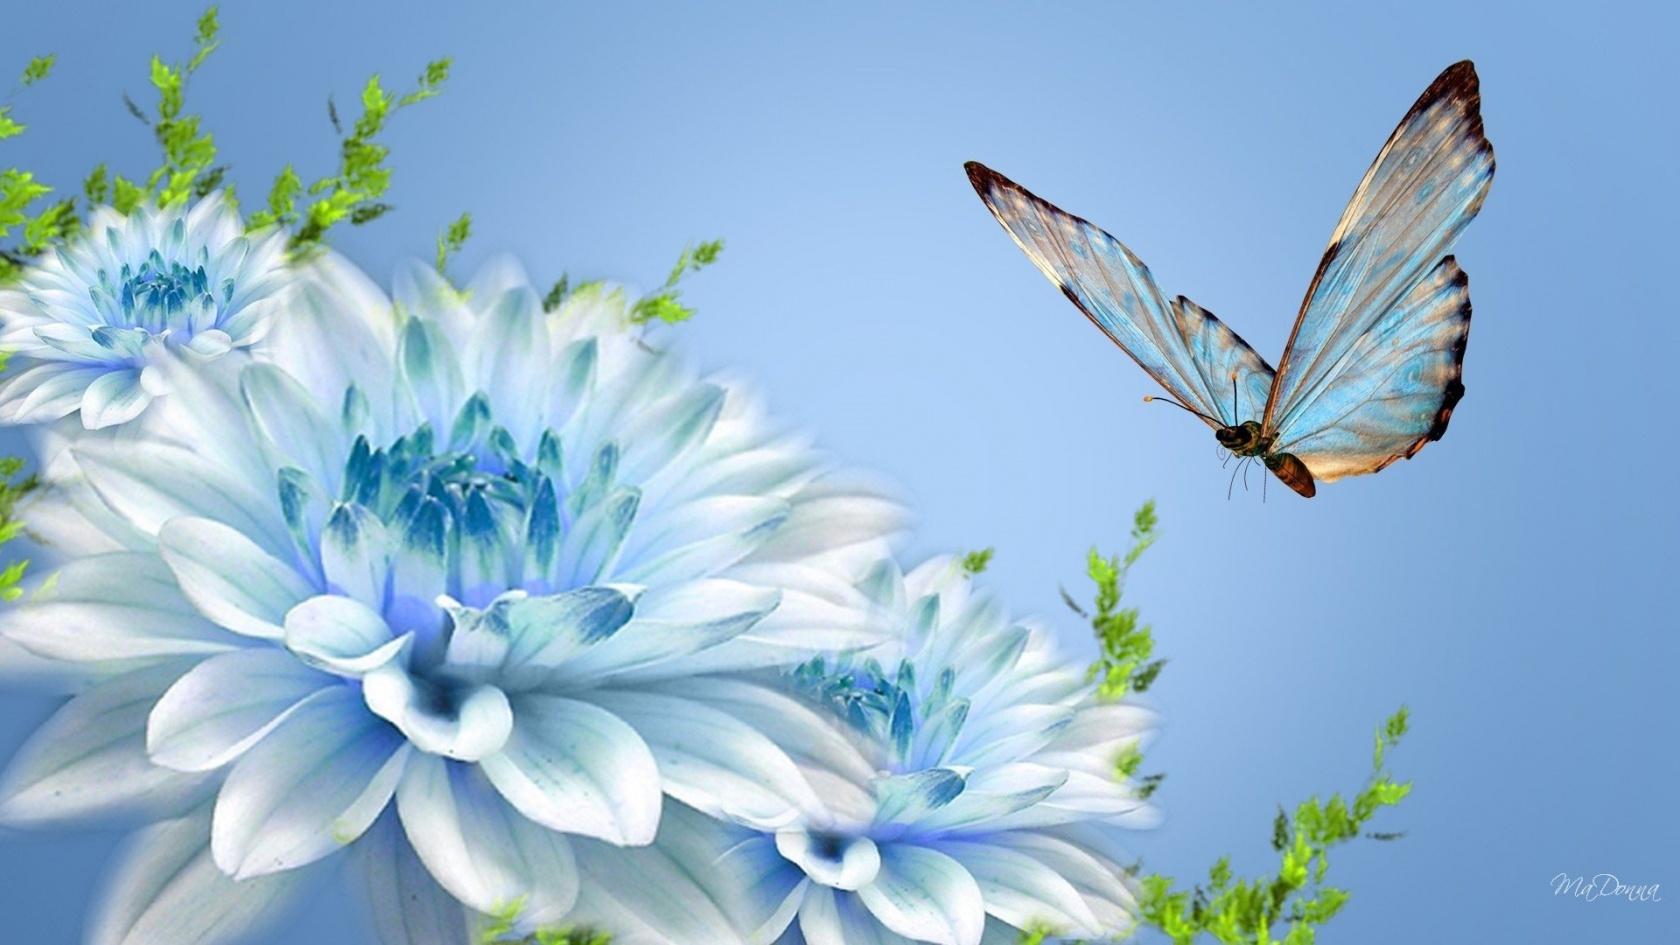 бабочка летит на голубой цветок на фоне неба, скачать фото, обои для рабочего стола